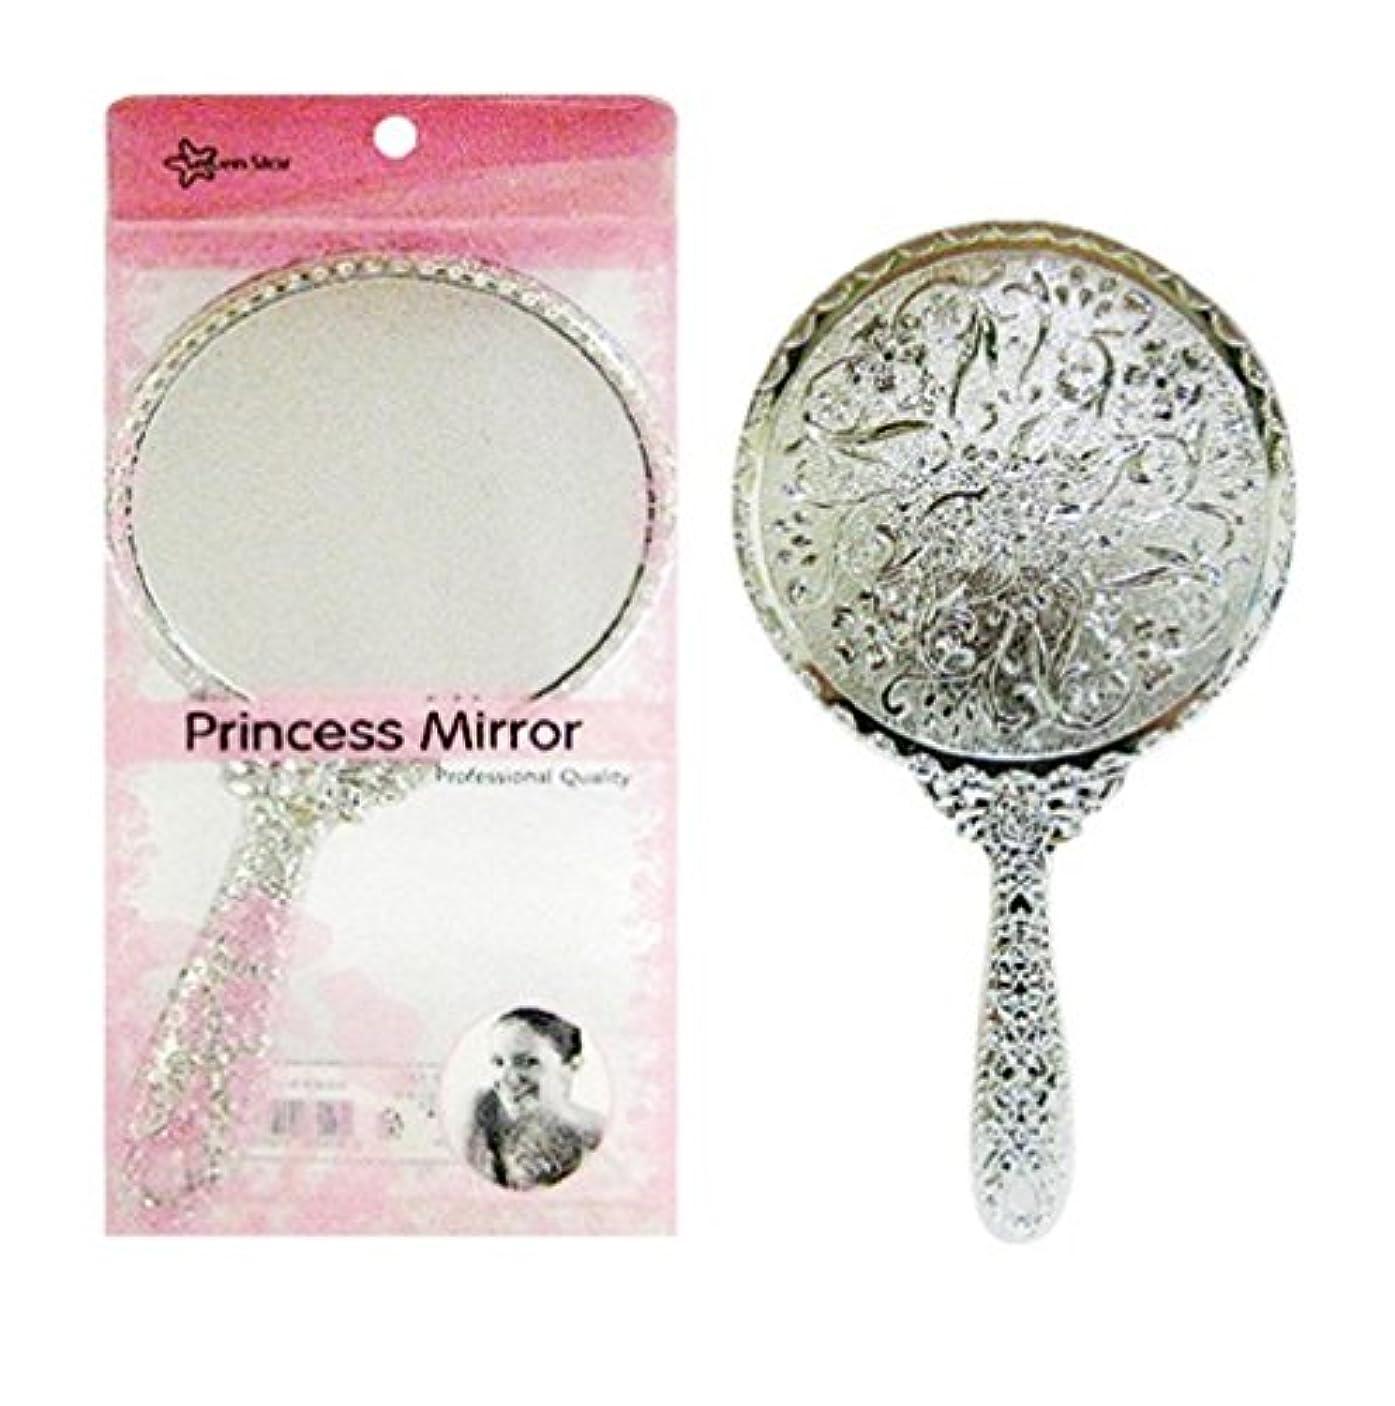 ペルセウス仲間祖母送料無料 持ち歩きサイズ 丸型 鏡 キラキラお姫様ミラー メッキハンドミラー シルバー 装飾鏡